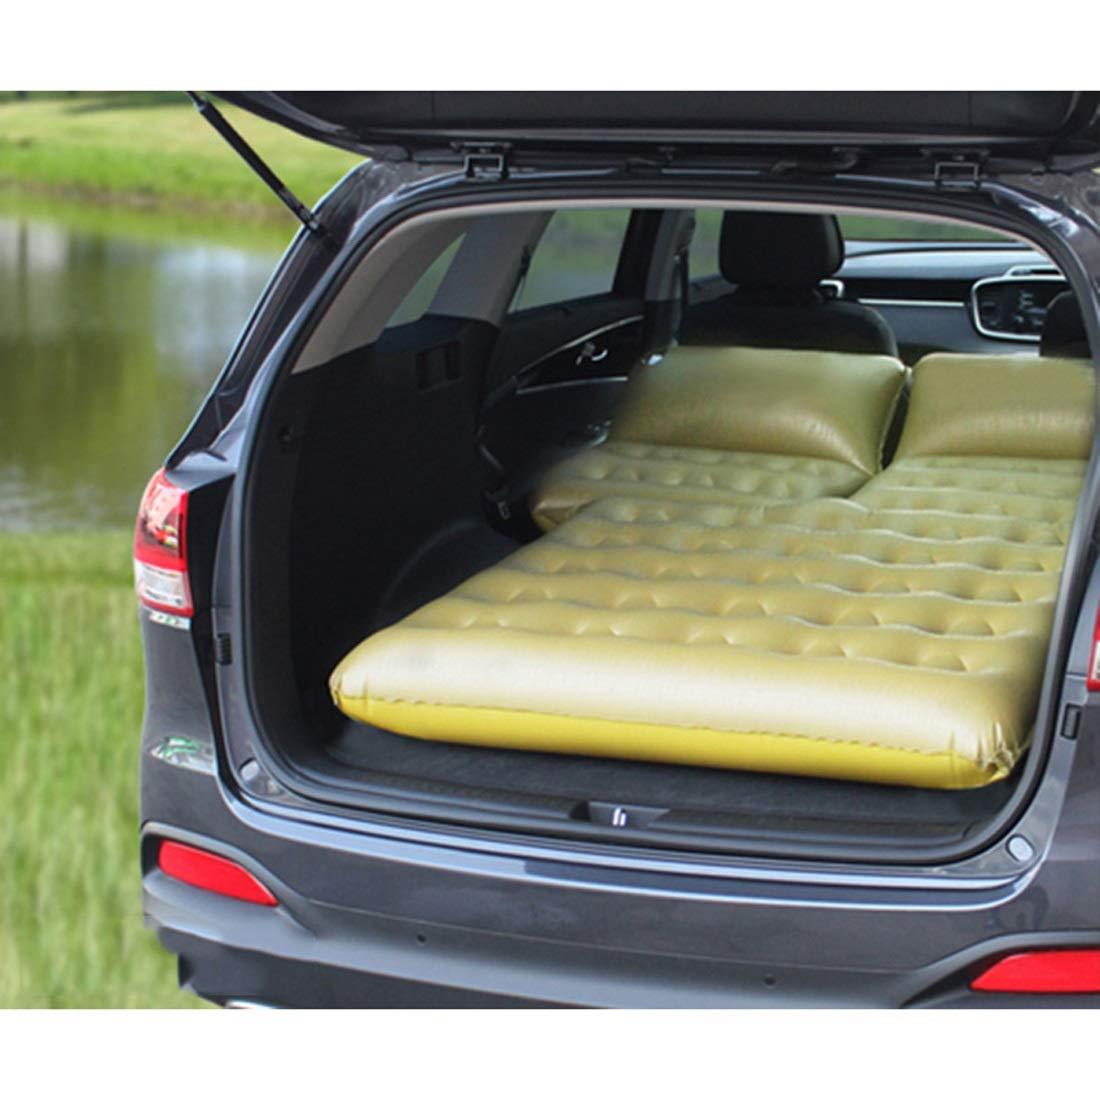 Aufblasbares Luft Seat Portable Kissen für Boot im Freien kampierende Sitze  WRD Schlauchboote